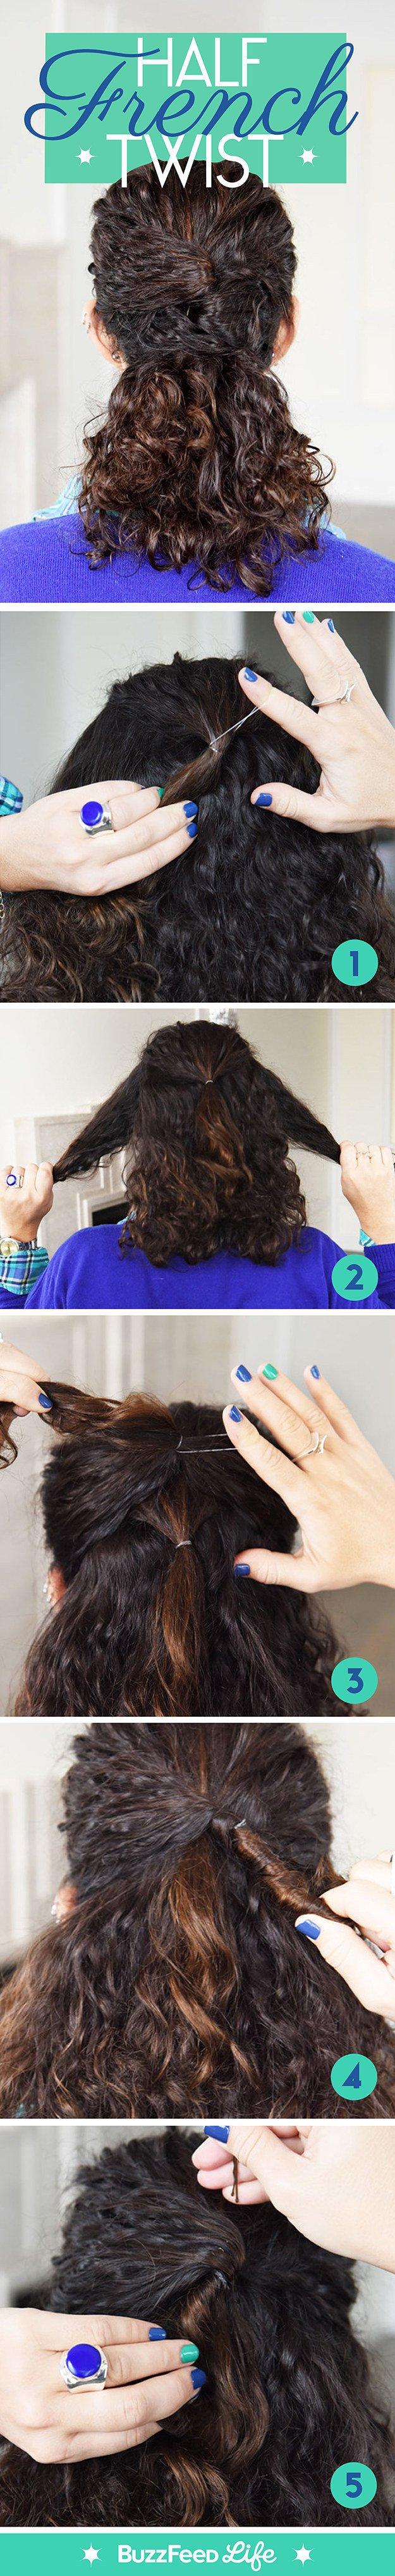 penteados-cabelo-cacheado-10